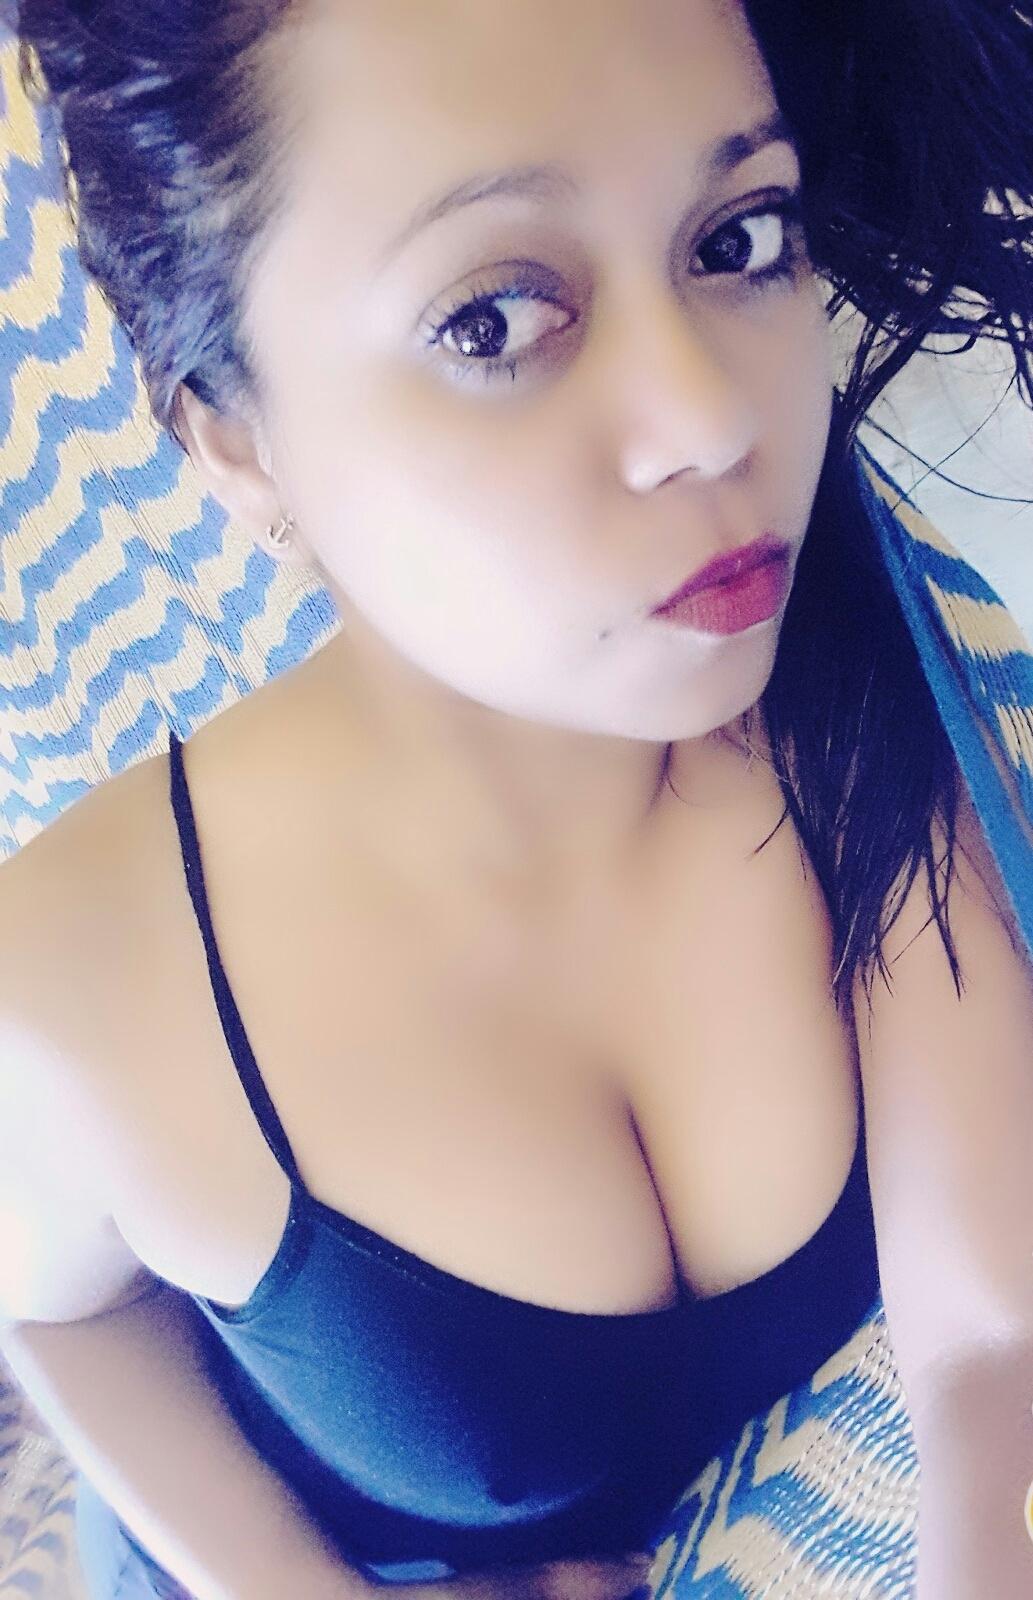 selfie hot